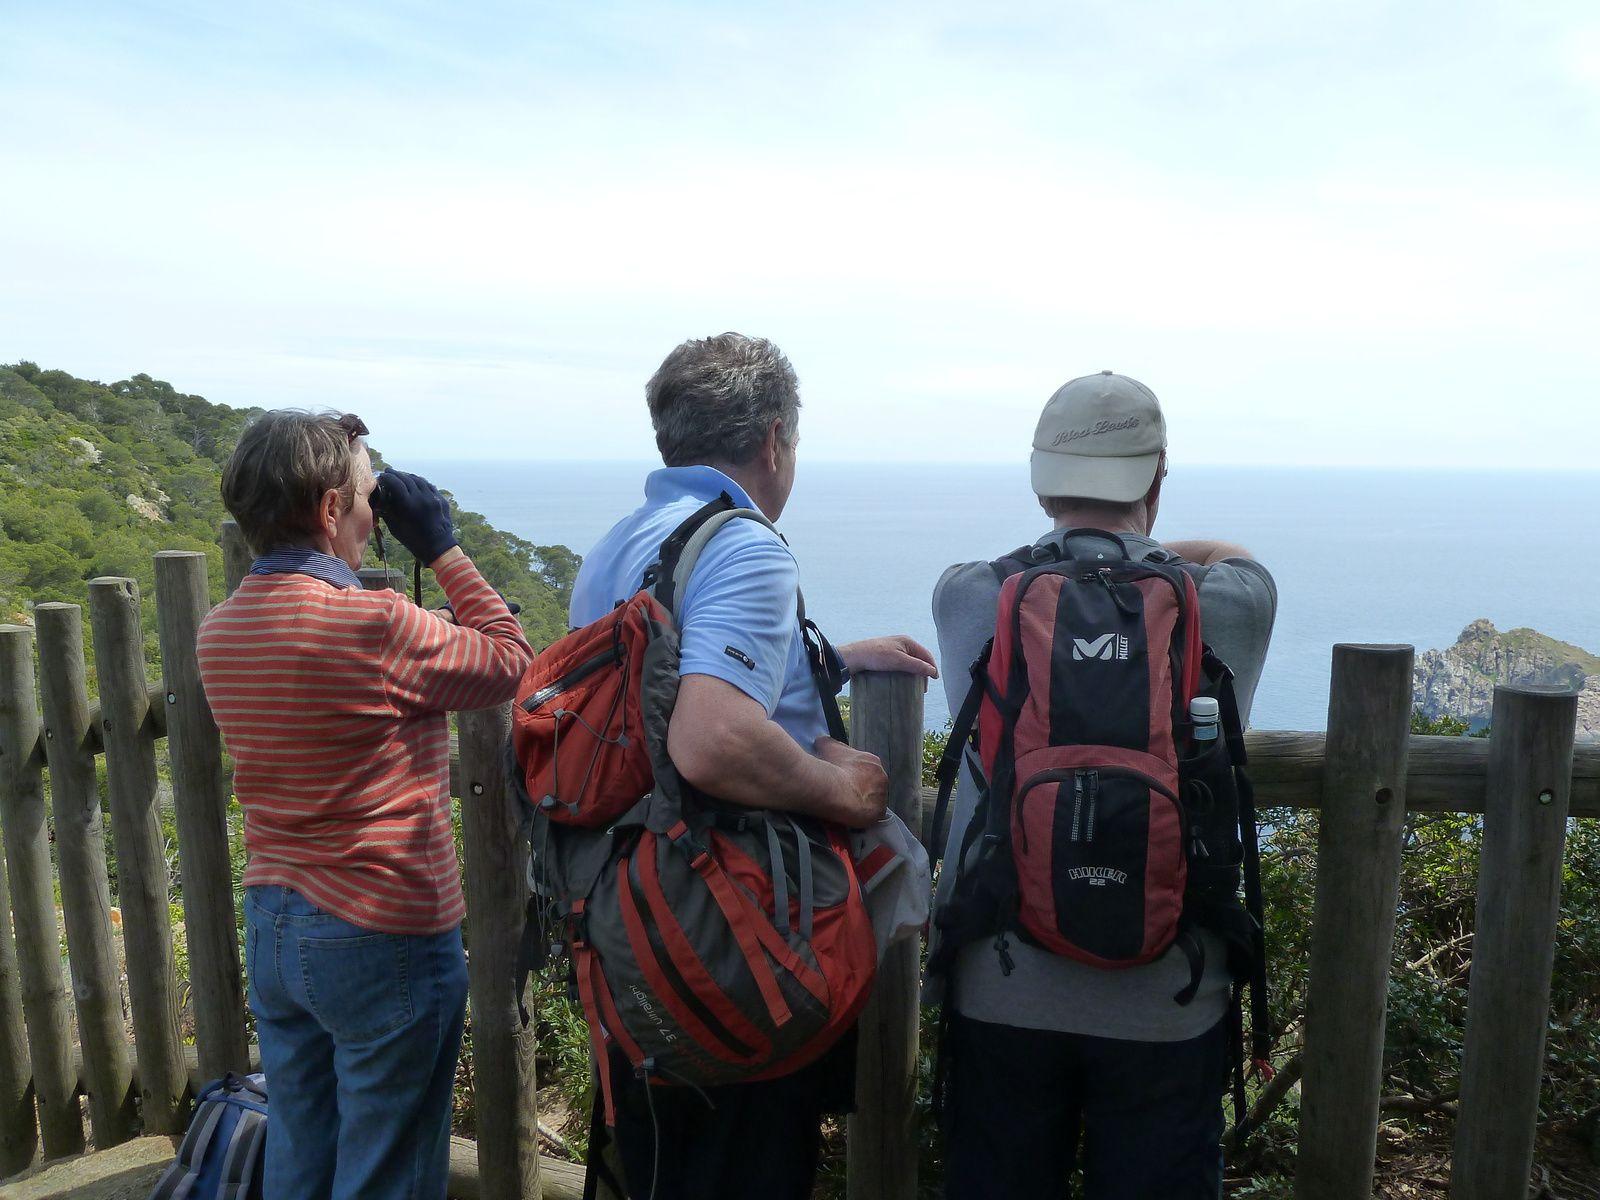 Du haut du sentier, l'îlot de la Gabinière, Agnès, Gérard et Claude admirent le paysage...